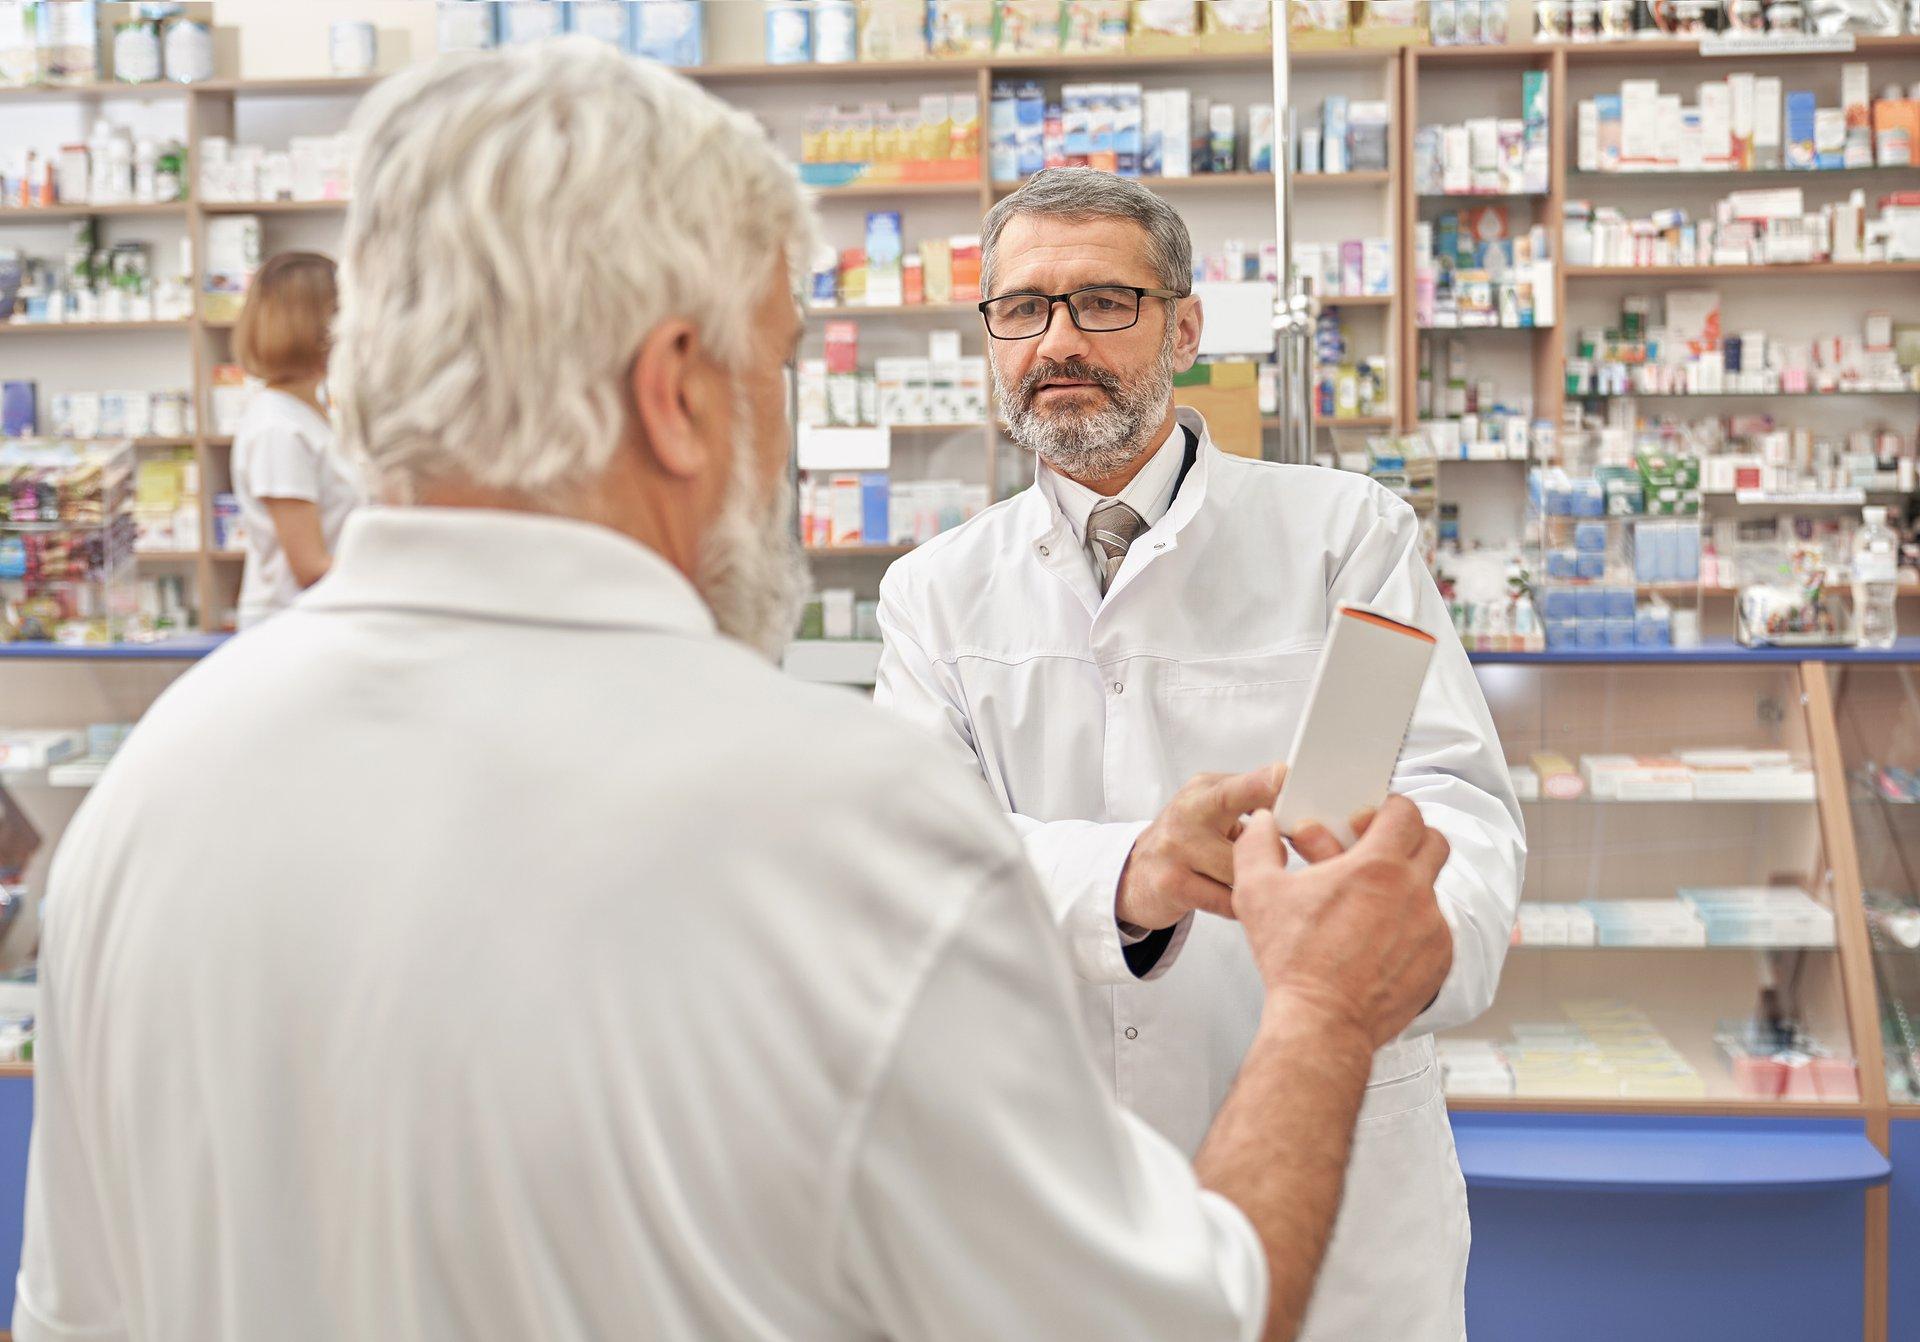 Apteka to nie sklep, leki to nie bułki, czyli rzecz o godzinach dla seniorów